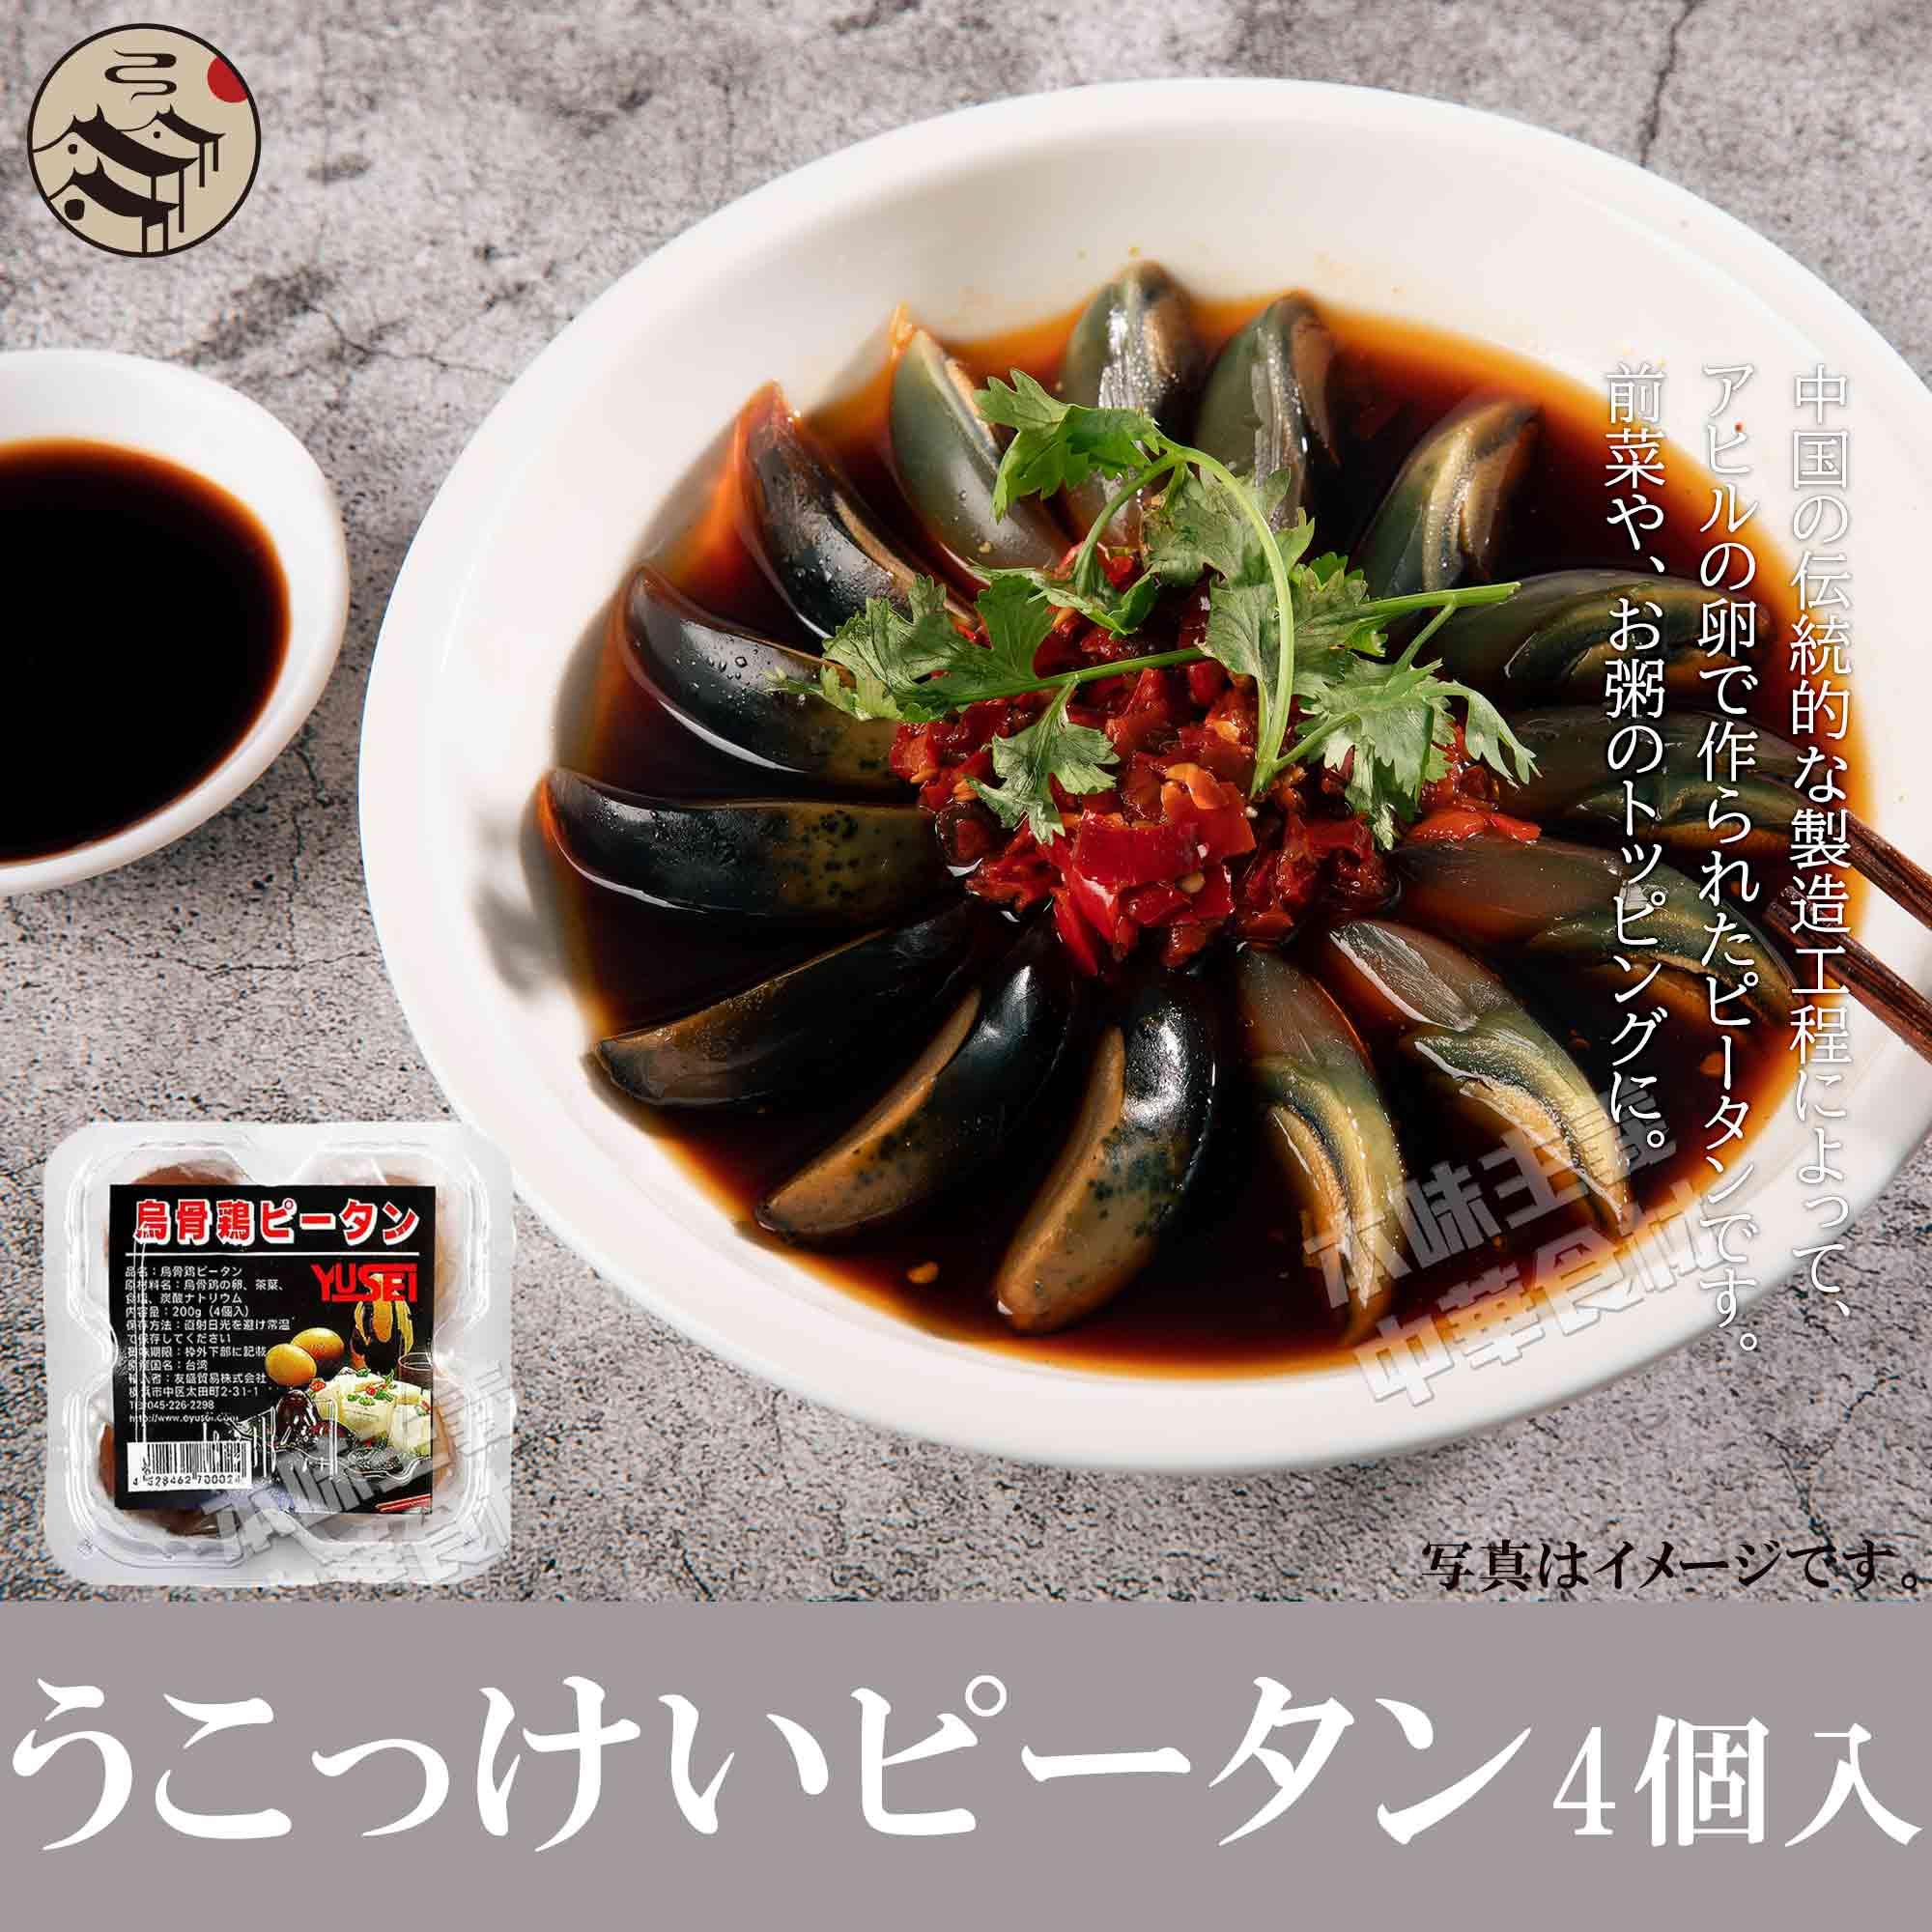 送料無料新品 友盛特色台湾烏骨鶏皮蛋 うこっけいピータン 中華料理人気商品 台湾風味名物 出群